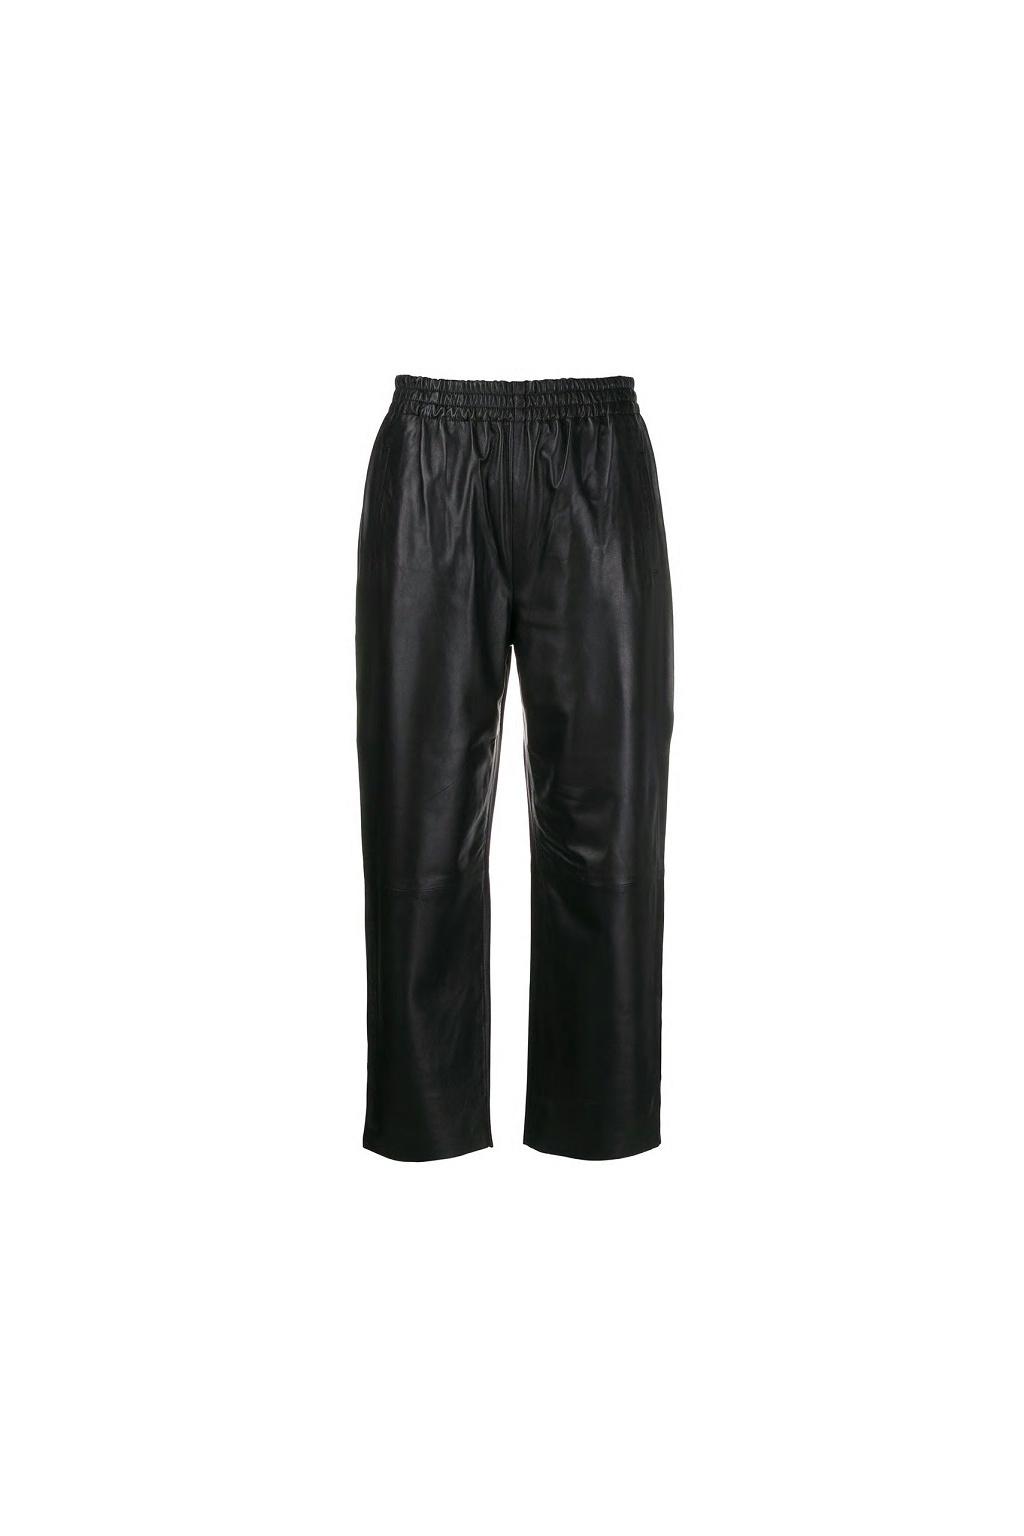 1G14P2 Y638 Dámské Pinko kožené kalhoty Toast černé